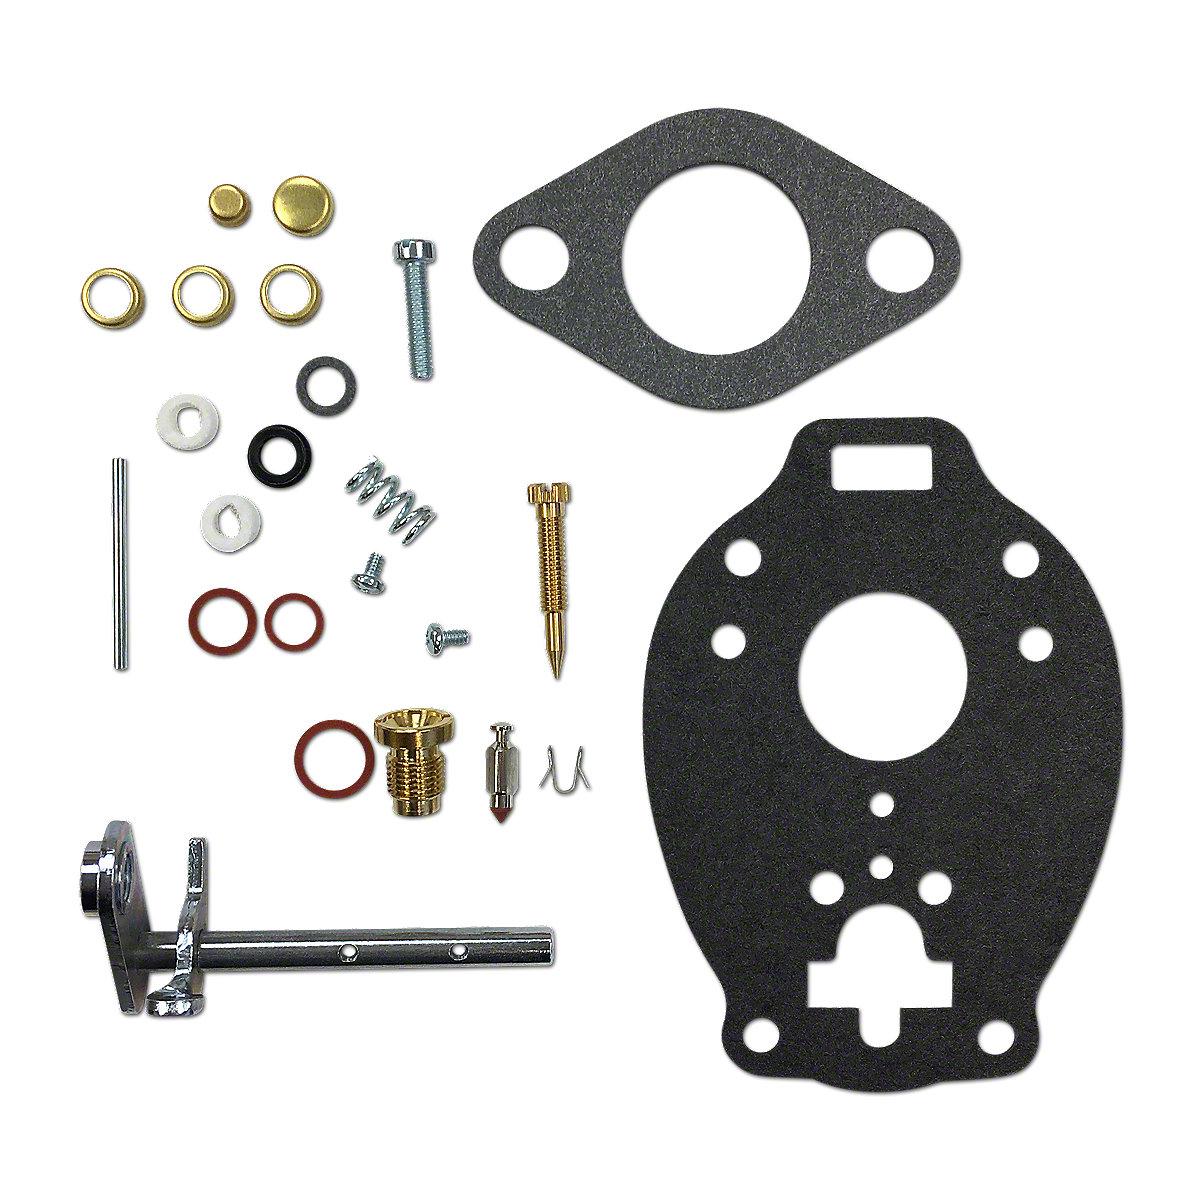 ABC203 - Basic Carburetor Repair Kit (M